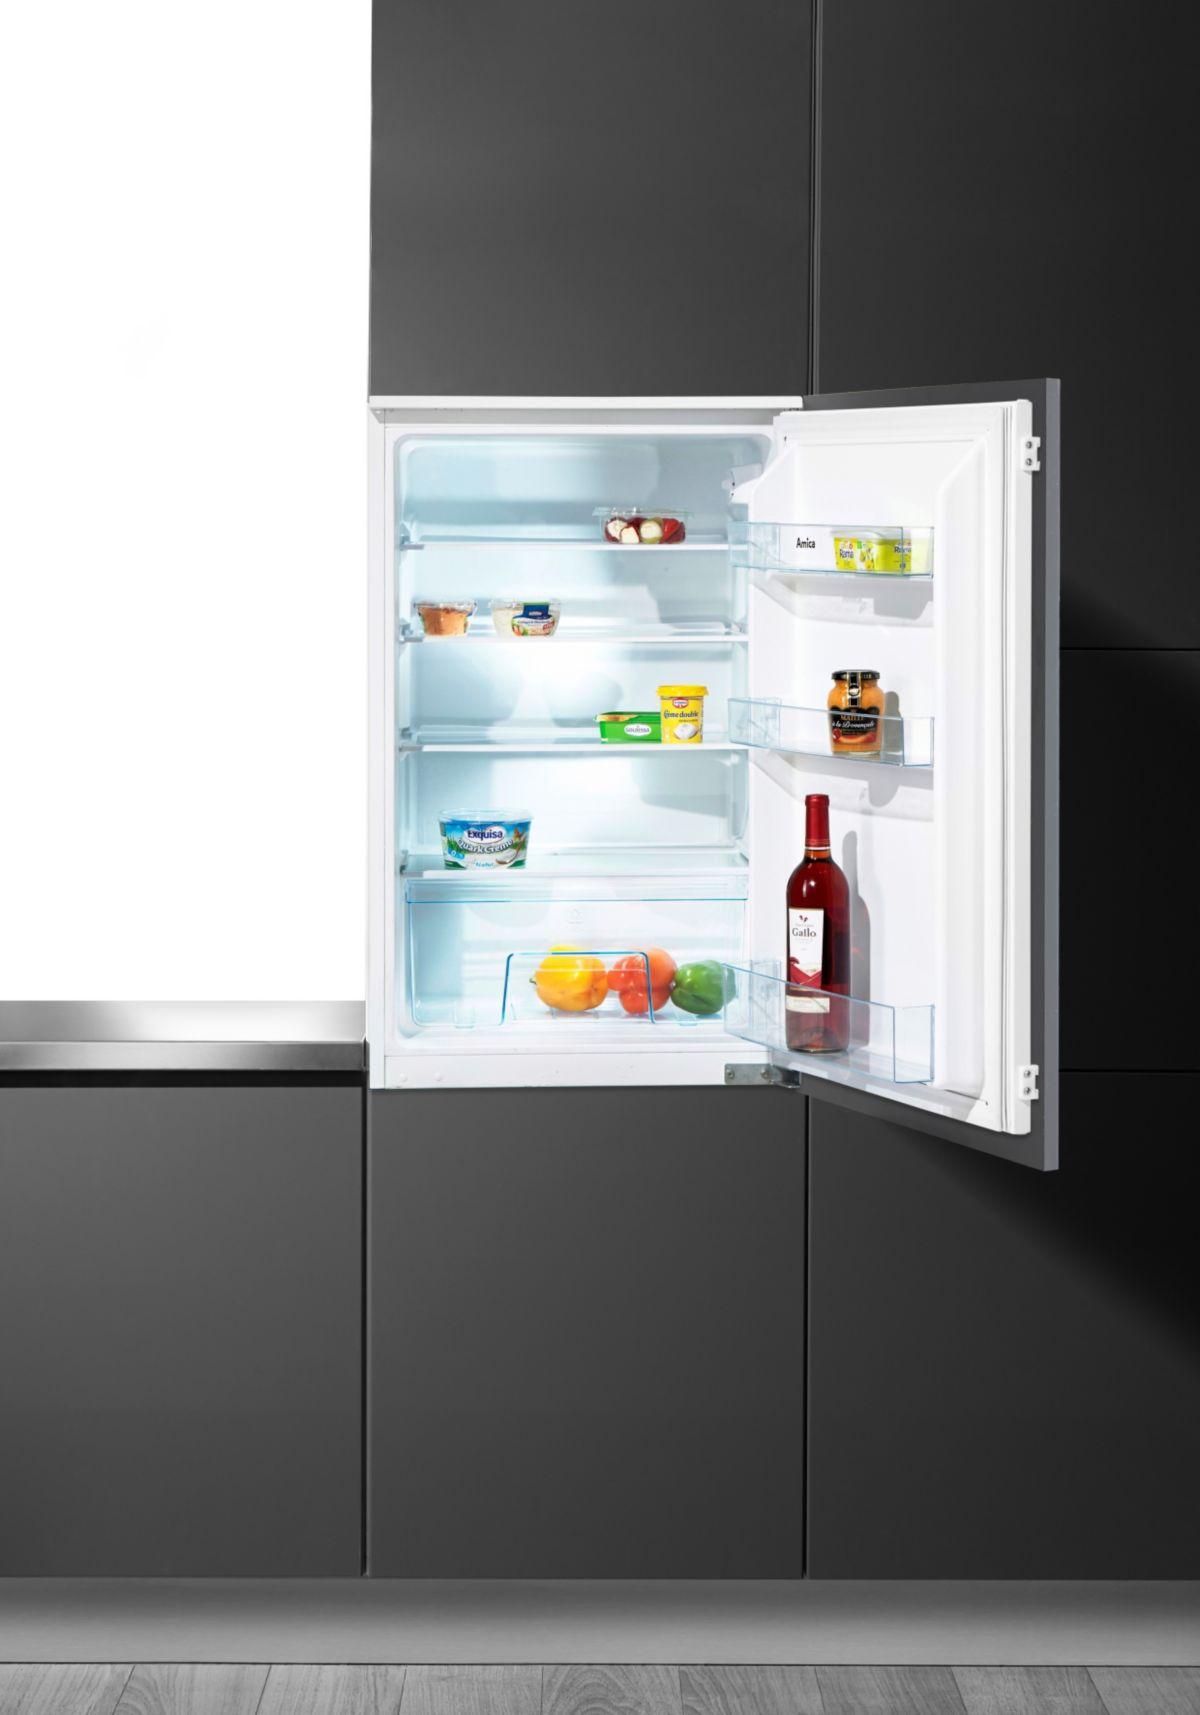 Amica integrierbarer Einbau-Kühlschrank EVKS 16...